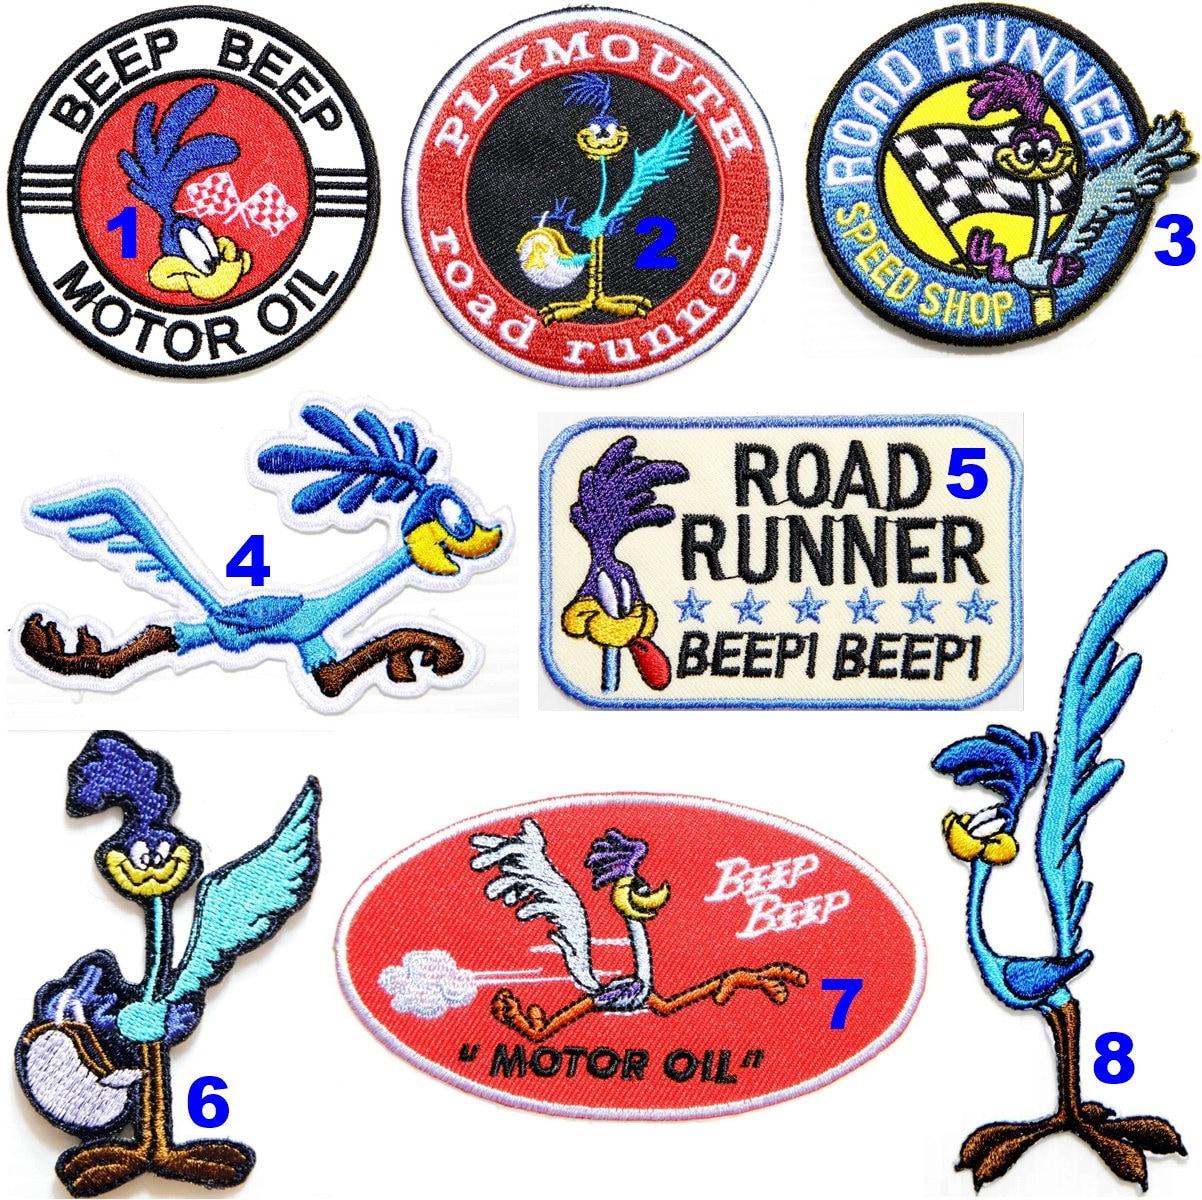 Patch Iron on Bird Beep Beep Road Runner Racing Car T shirt Logo Badge Emblem